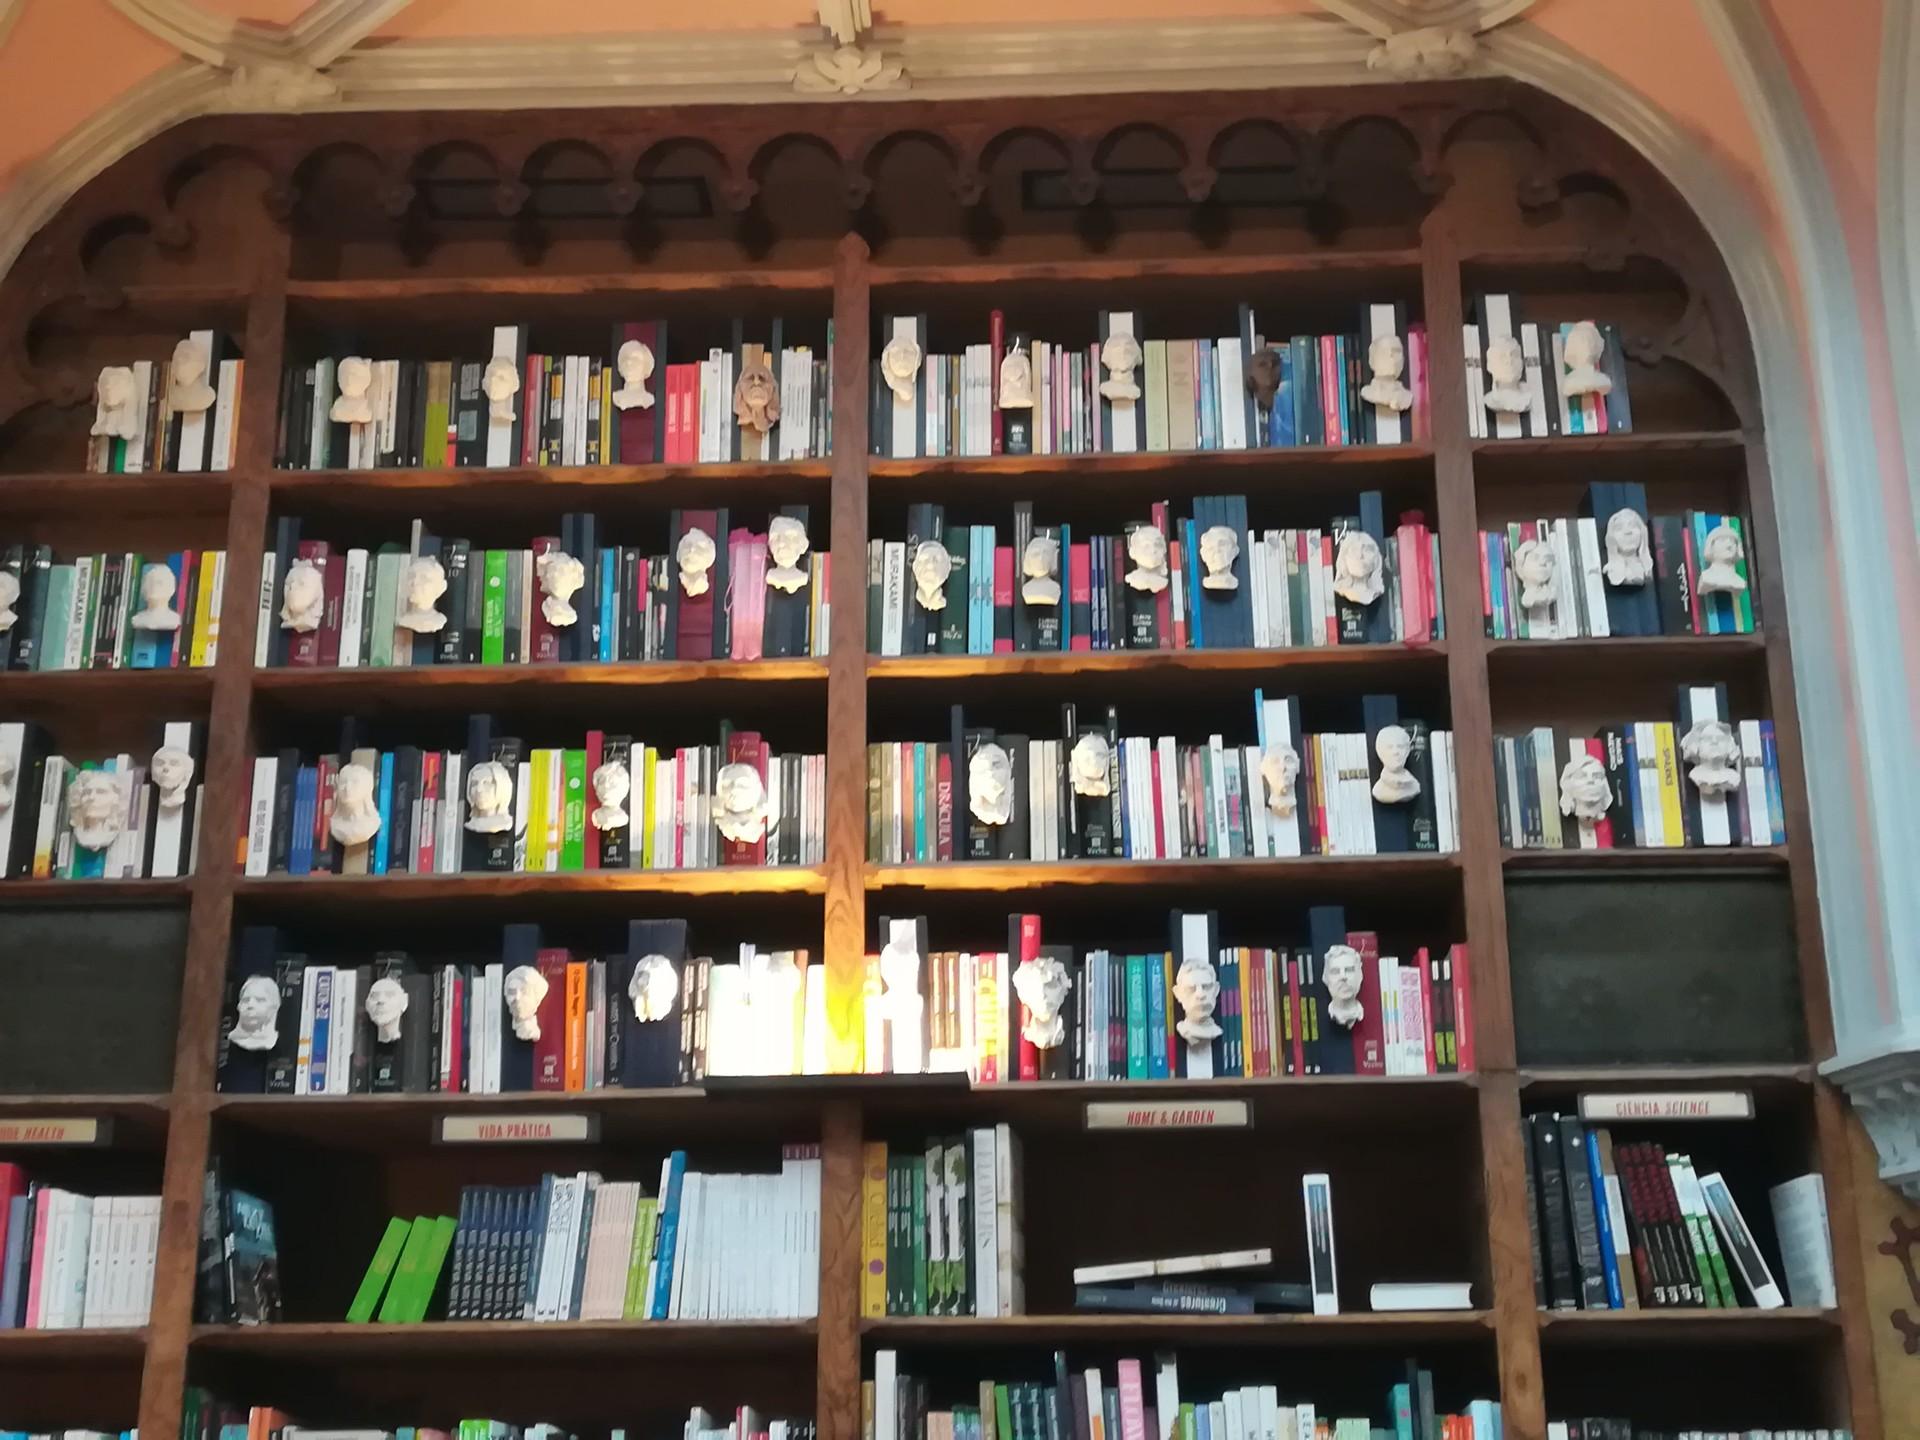 la-librairie-inspire-j-k-rowlings-b92b6c421c5a996b7b03203aefaf8ad7.jpg